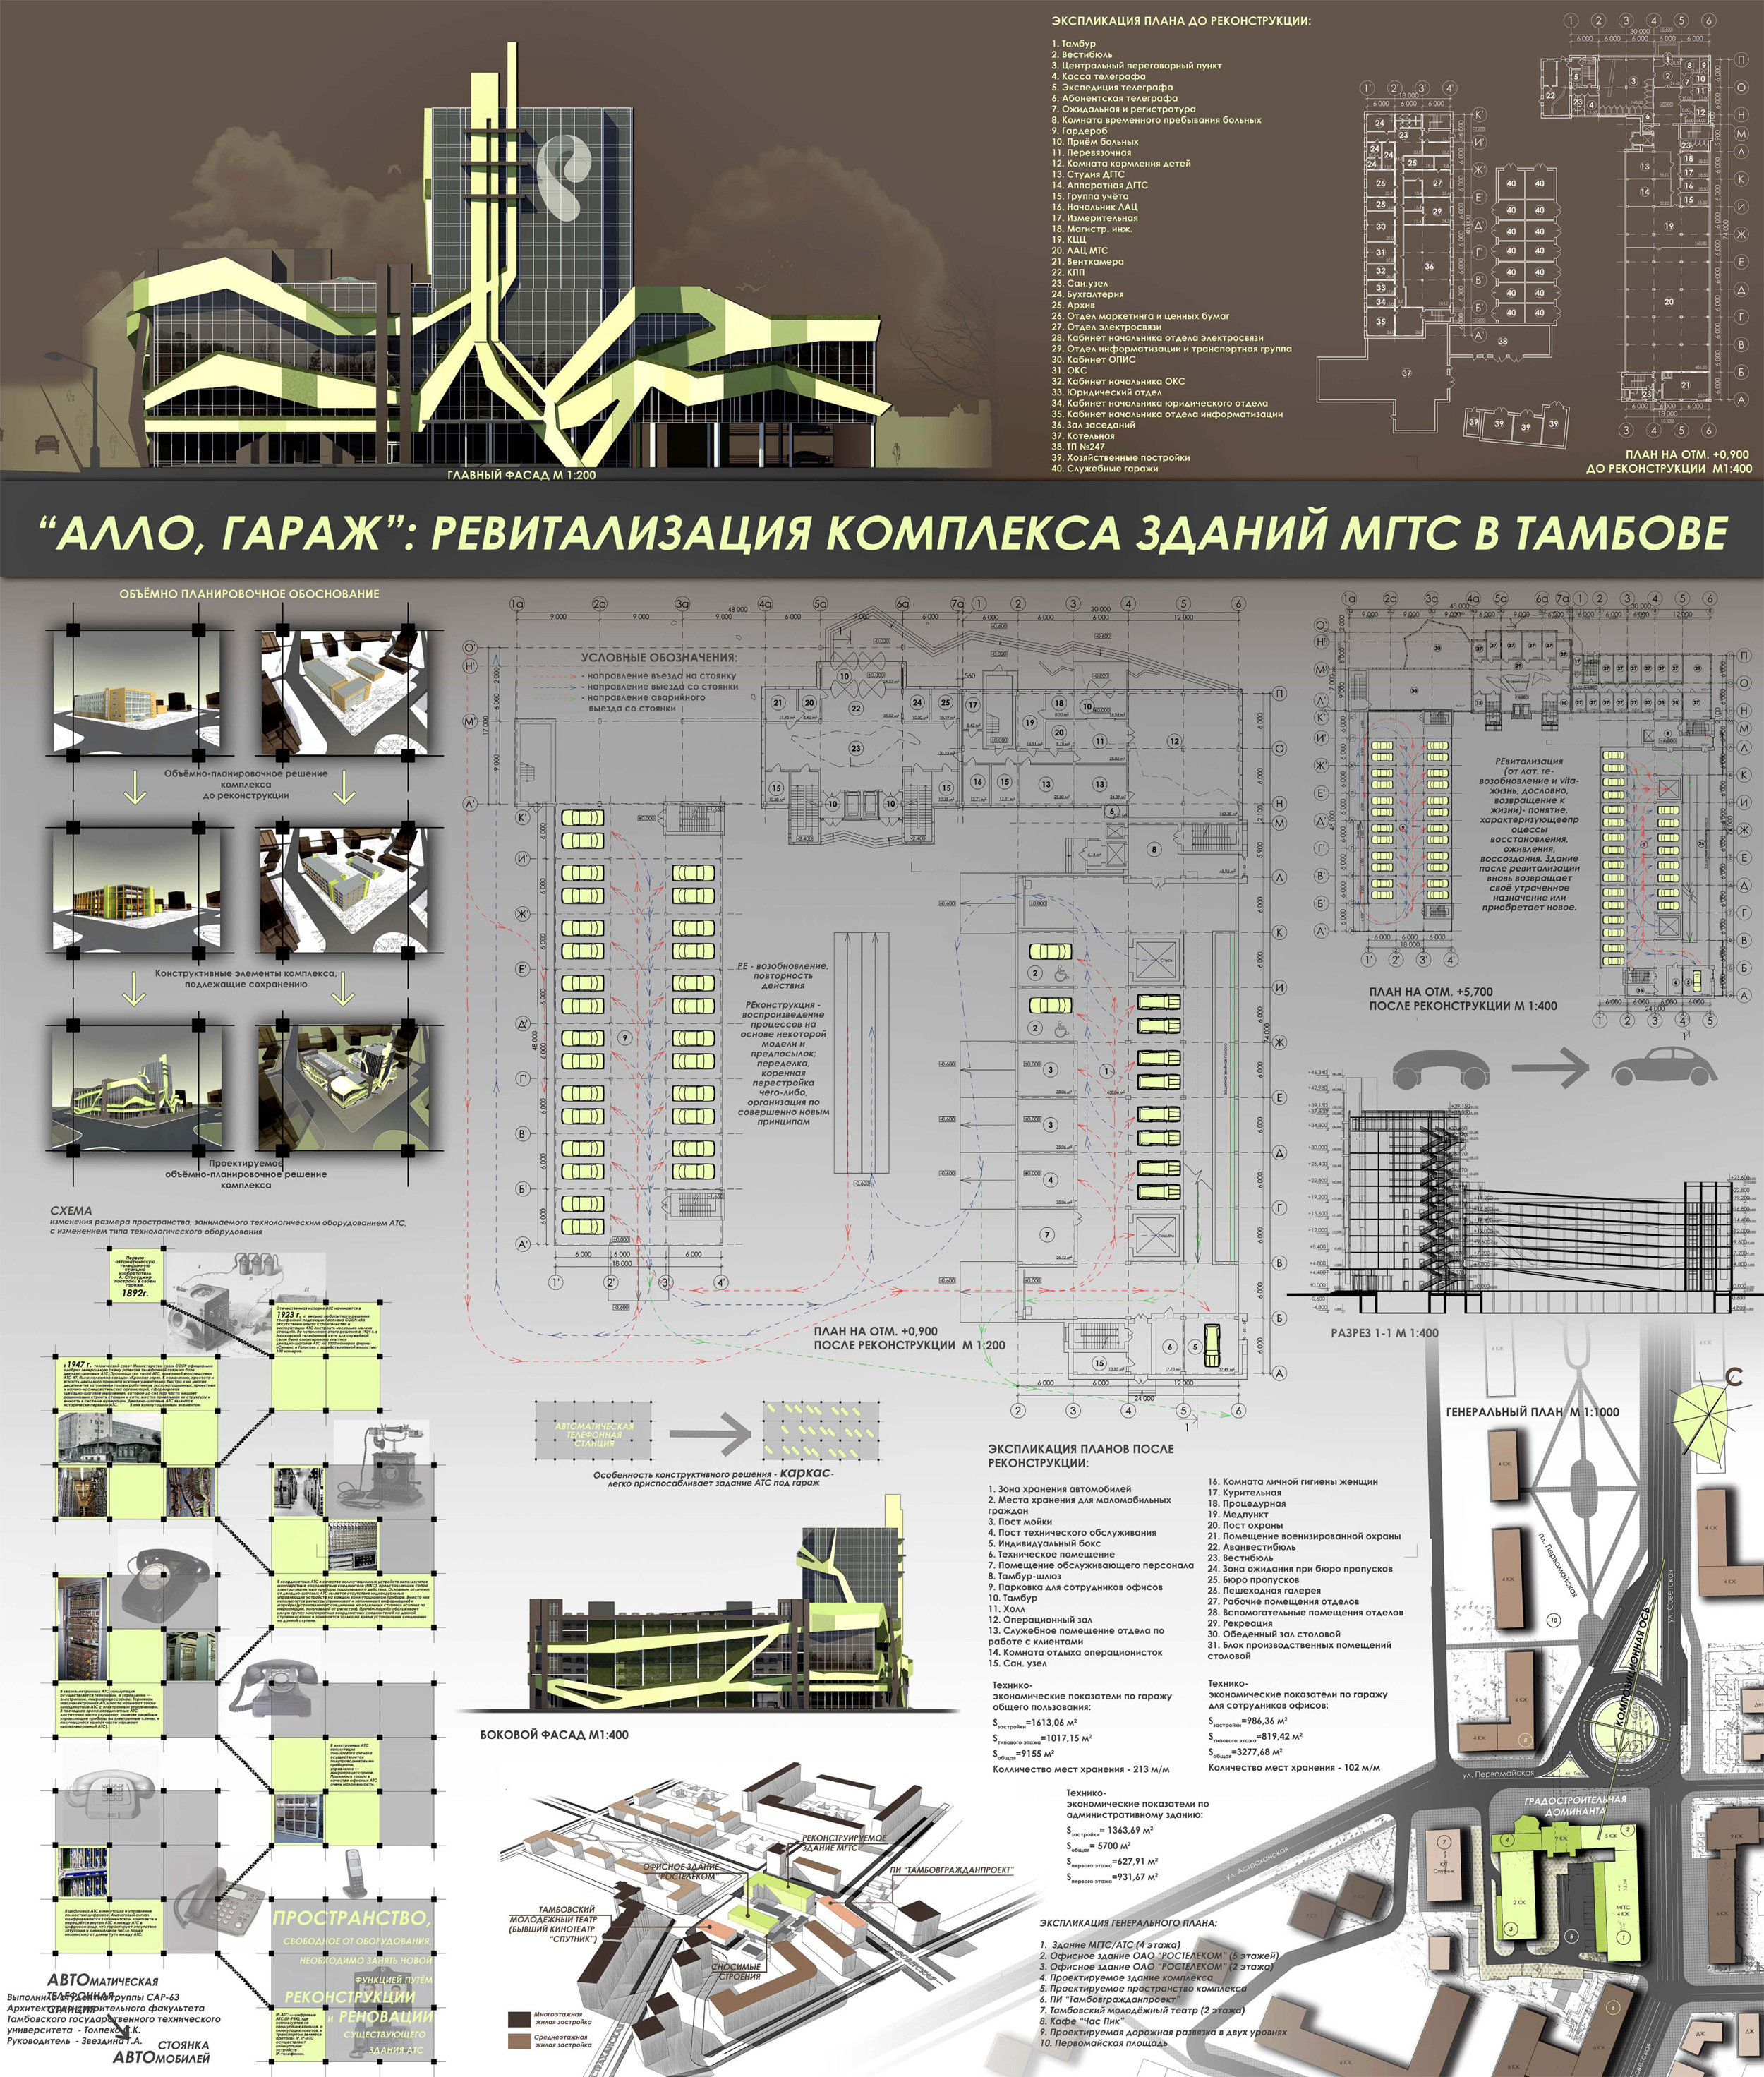 Курсовой проект page Архитектура и проектирование  Ревитализация комплекса зданий МГТС в Тамбове ·